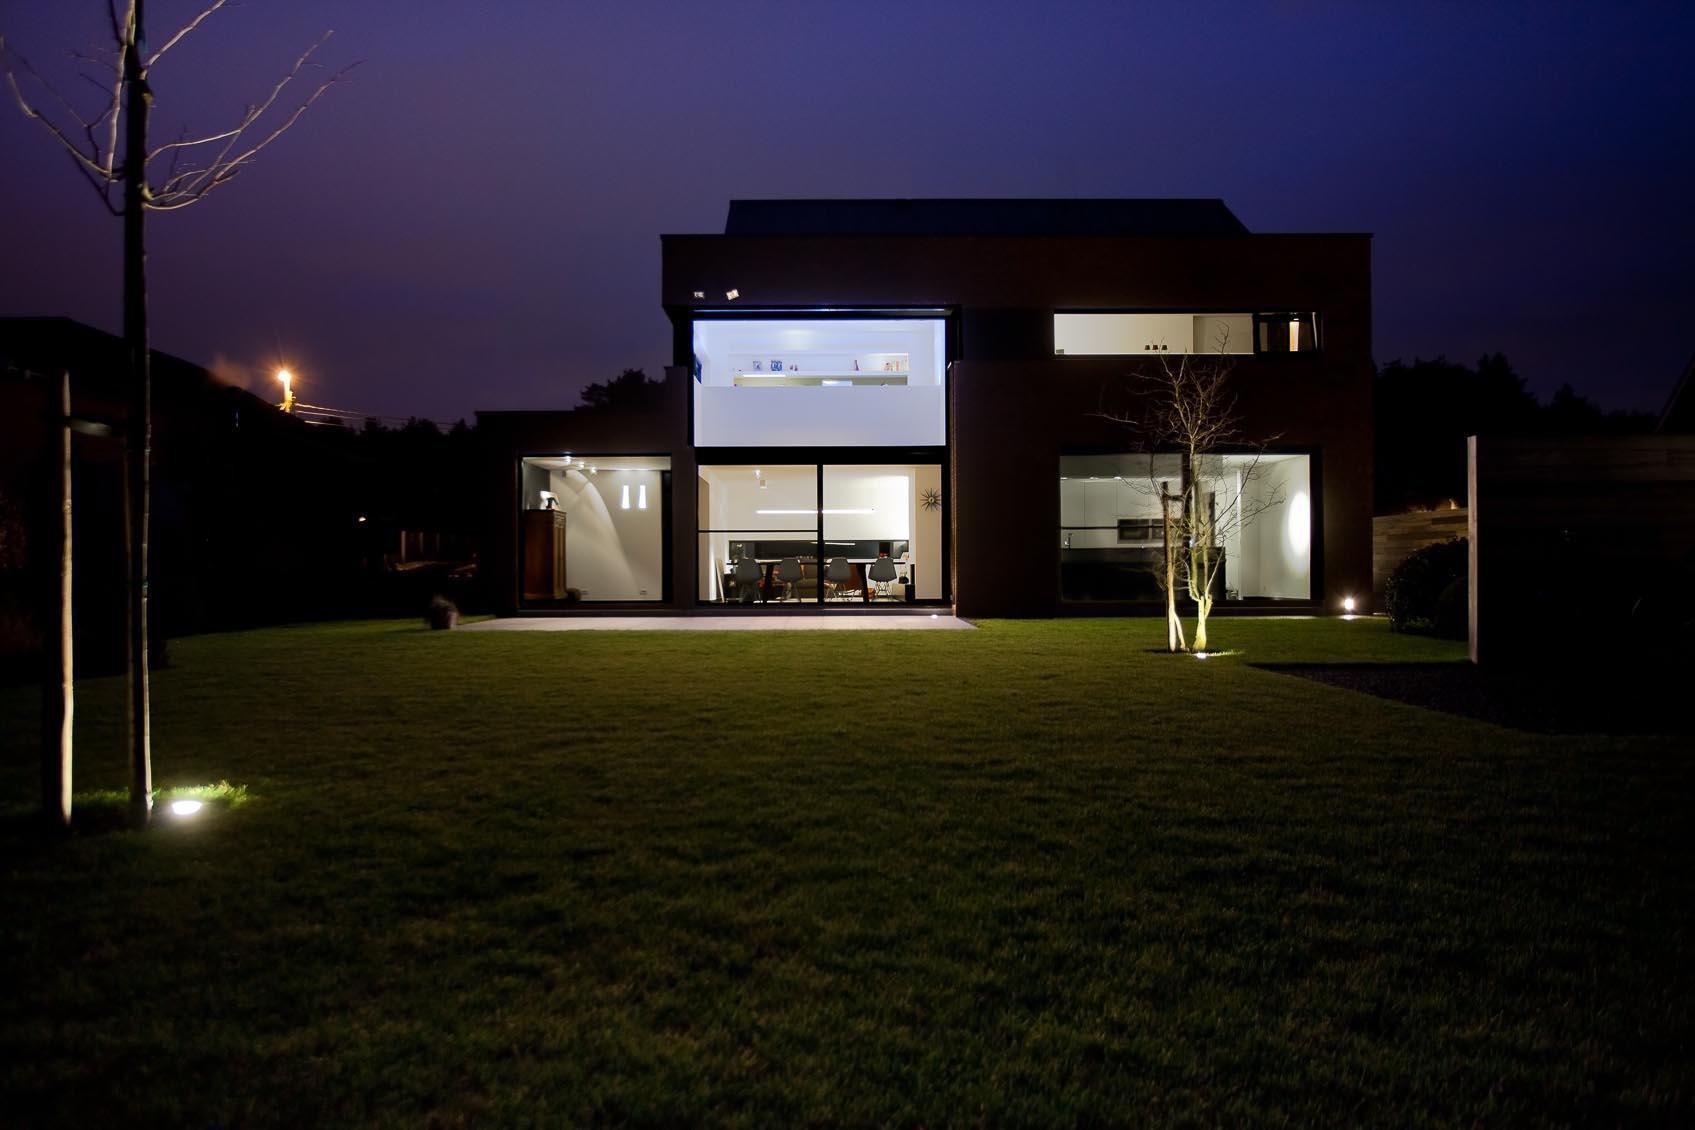 lichtadvies voor tuin en exterieur is absolute meerwaarde en verlengede aan architectuur en interieur